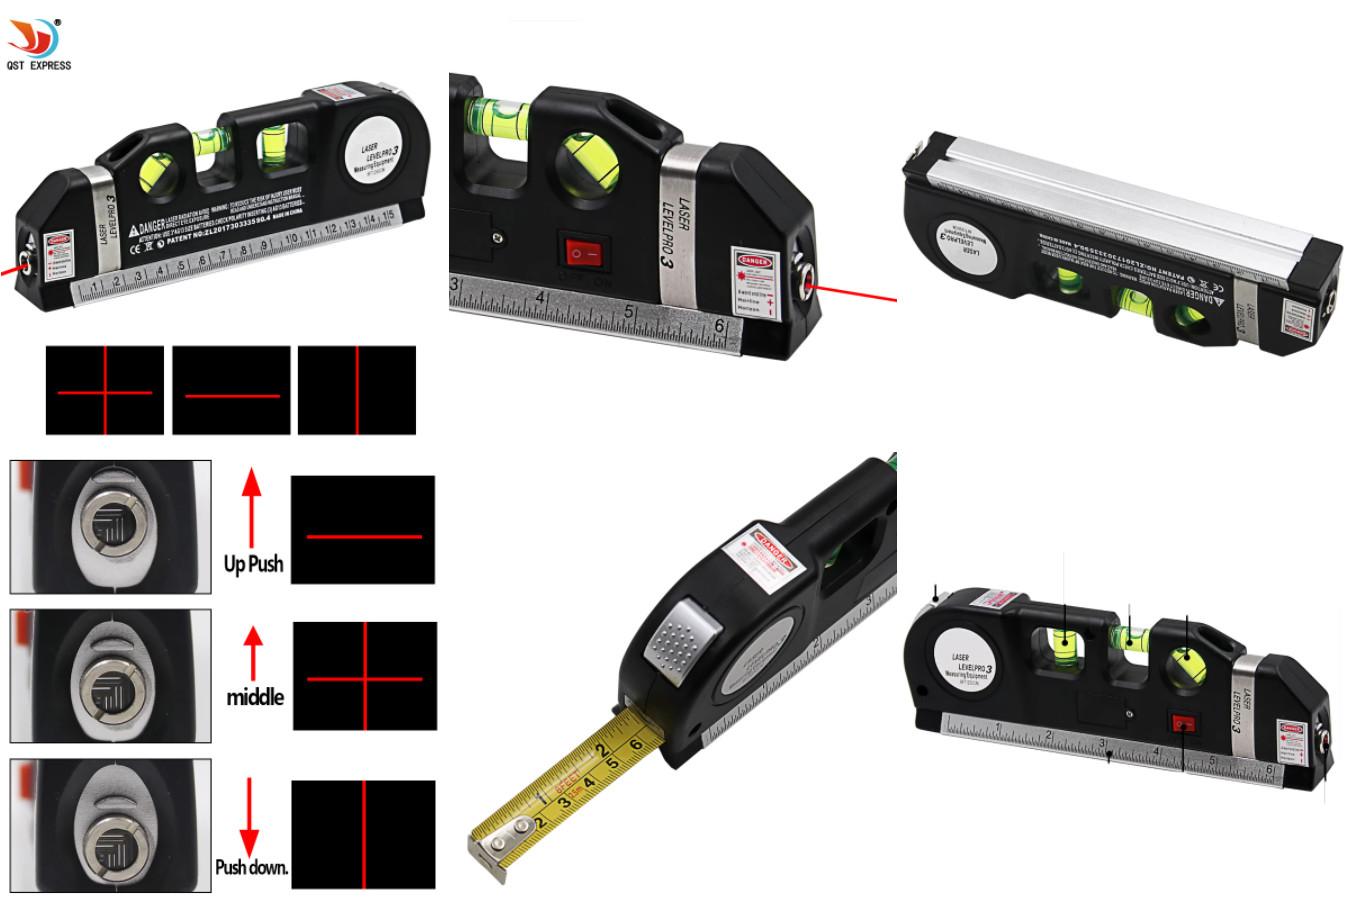 Многофункциональный лазерный уровень — QSTEXPRESS QST-K2